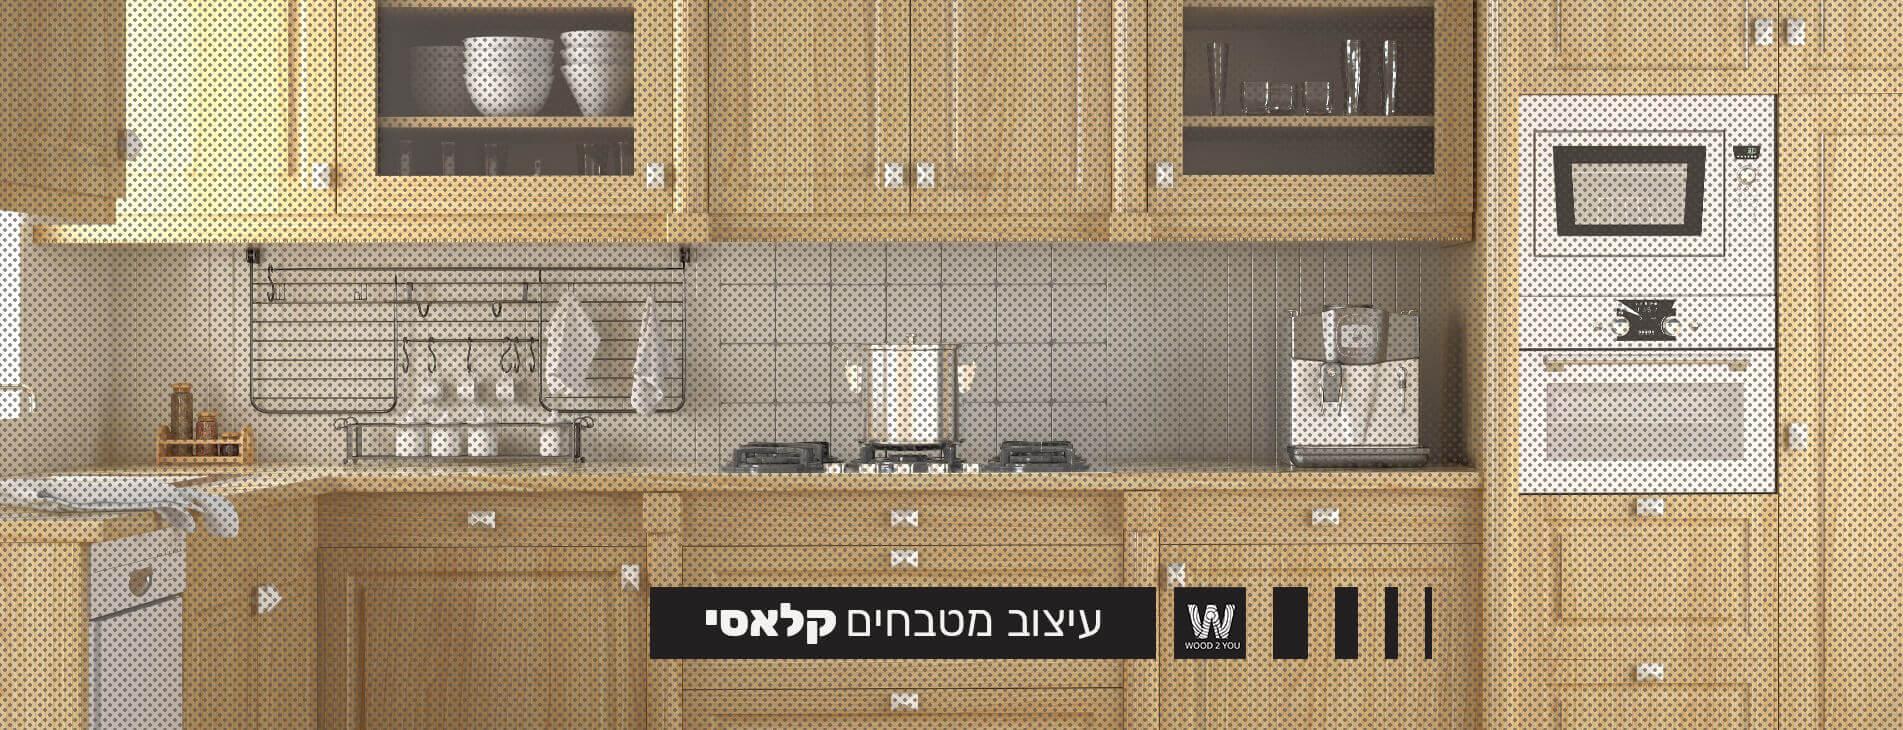 עיצוב מטבחים קלאסי